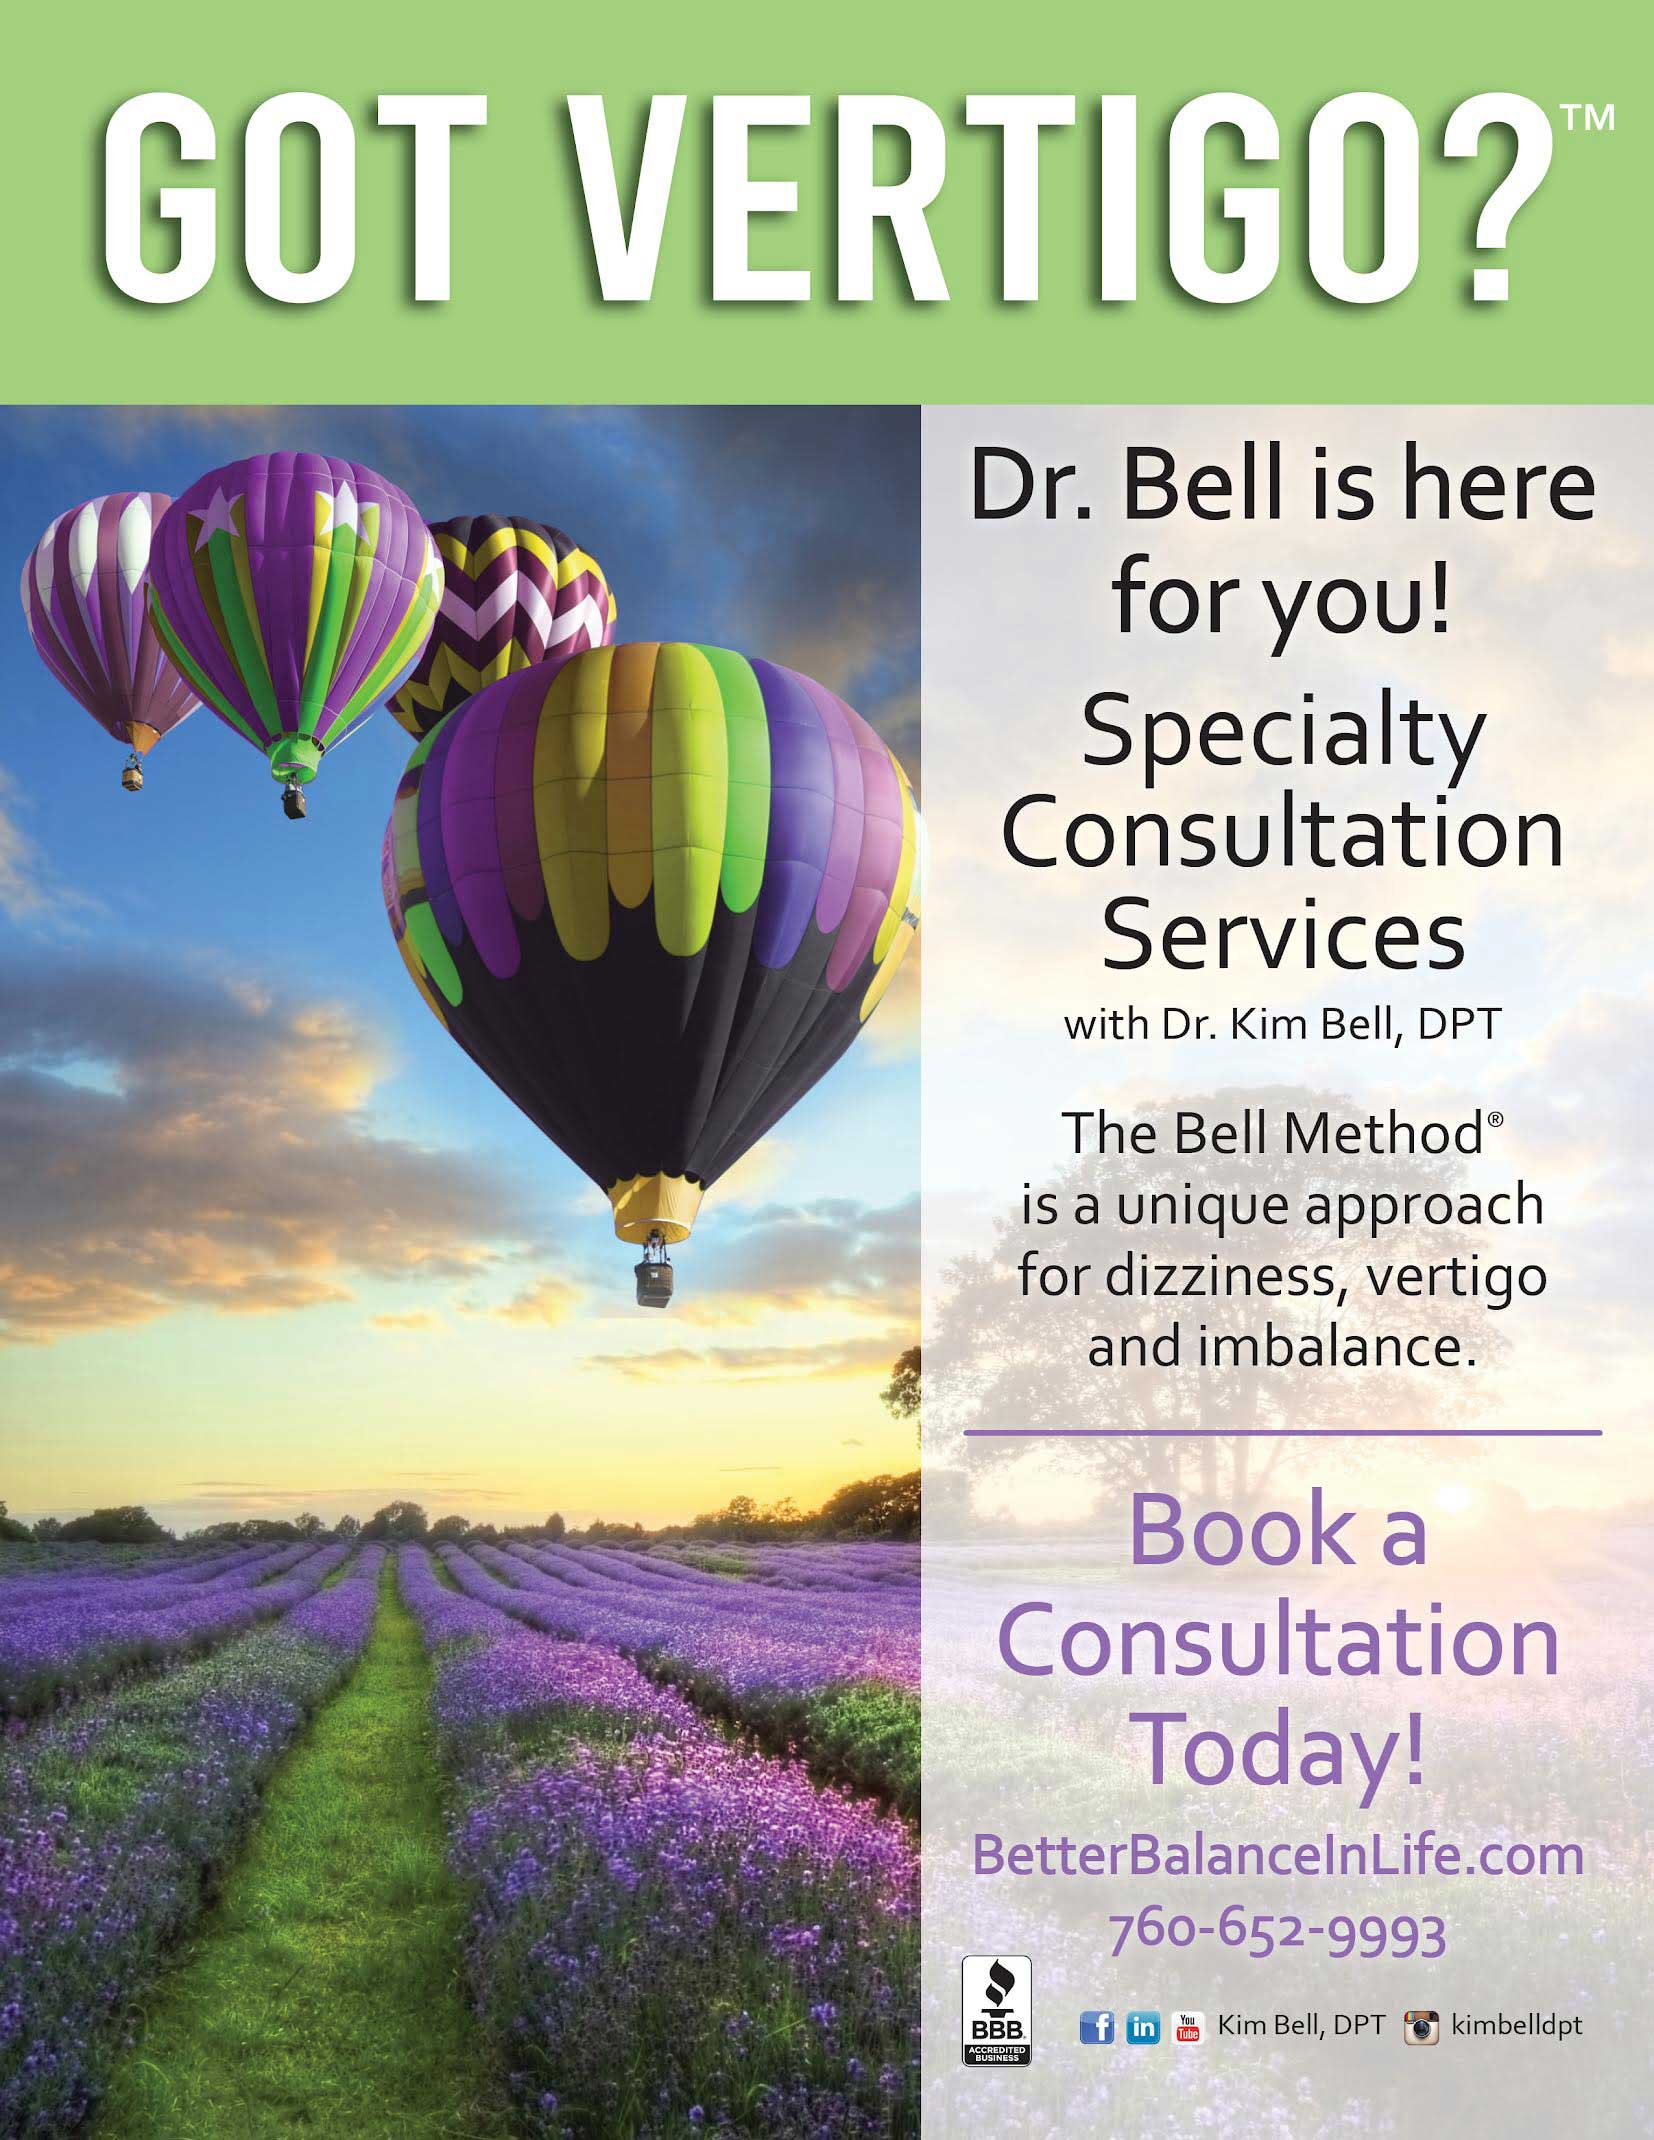 Book Dr. Kim Bell, DPT for Vertigo Help